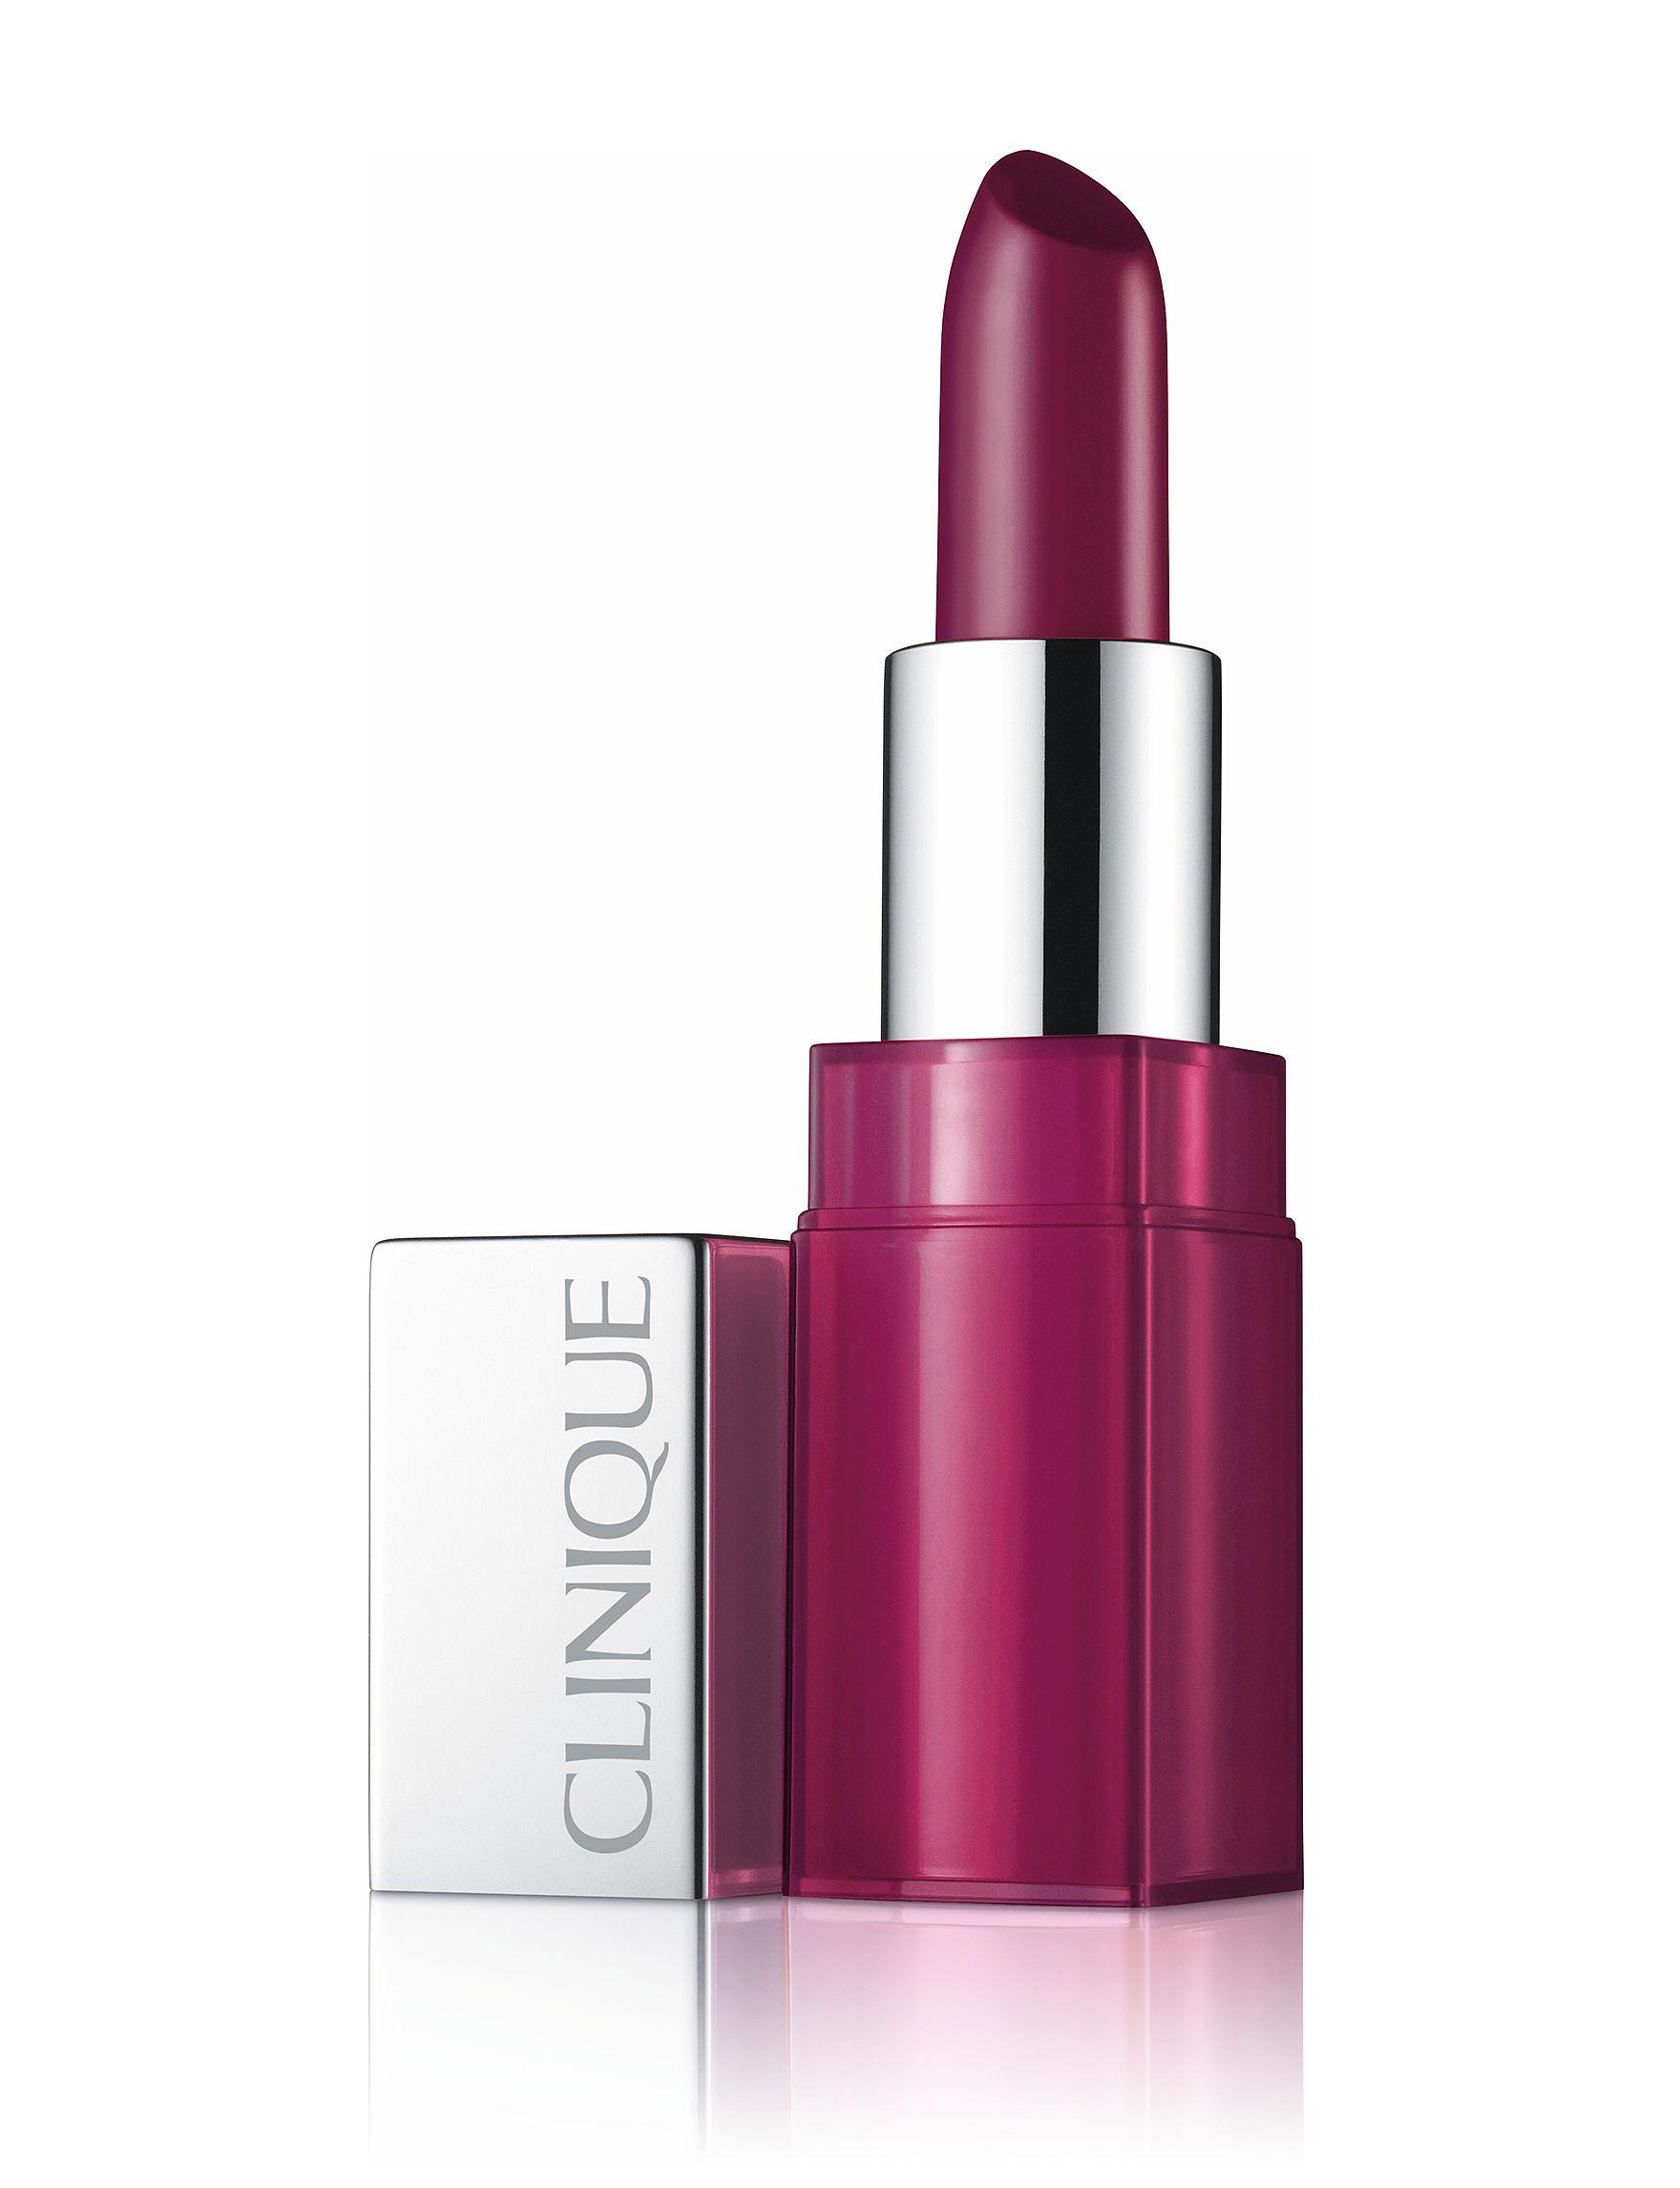 Clinique 500-Purple Lips Lip Gloss